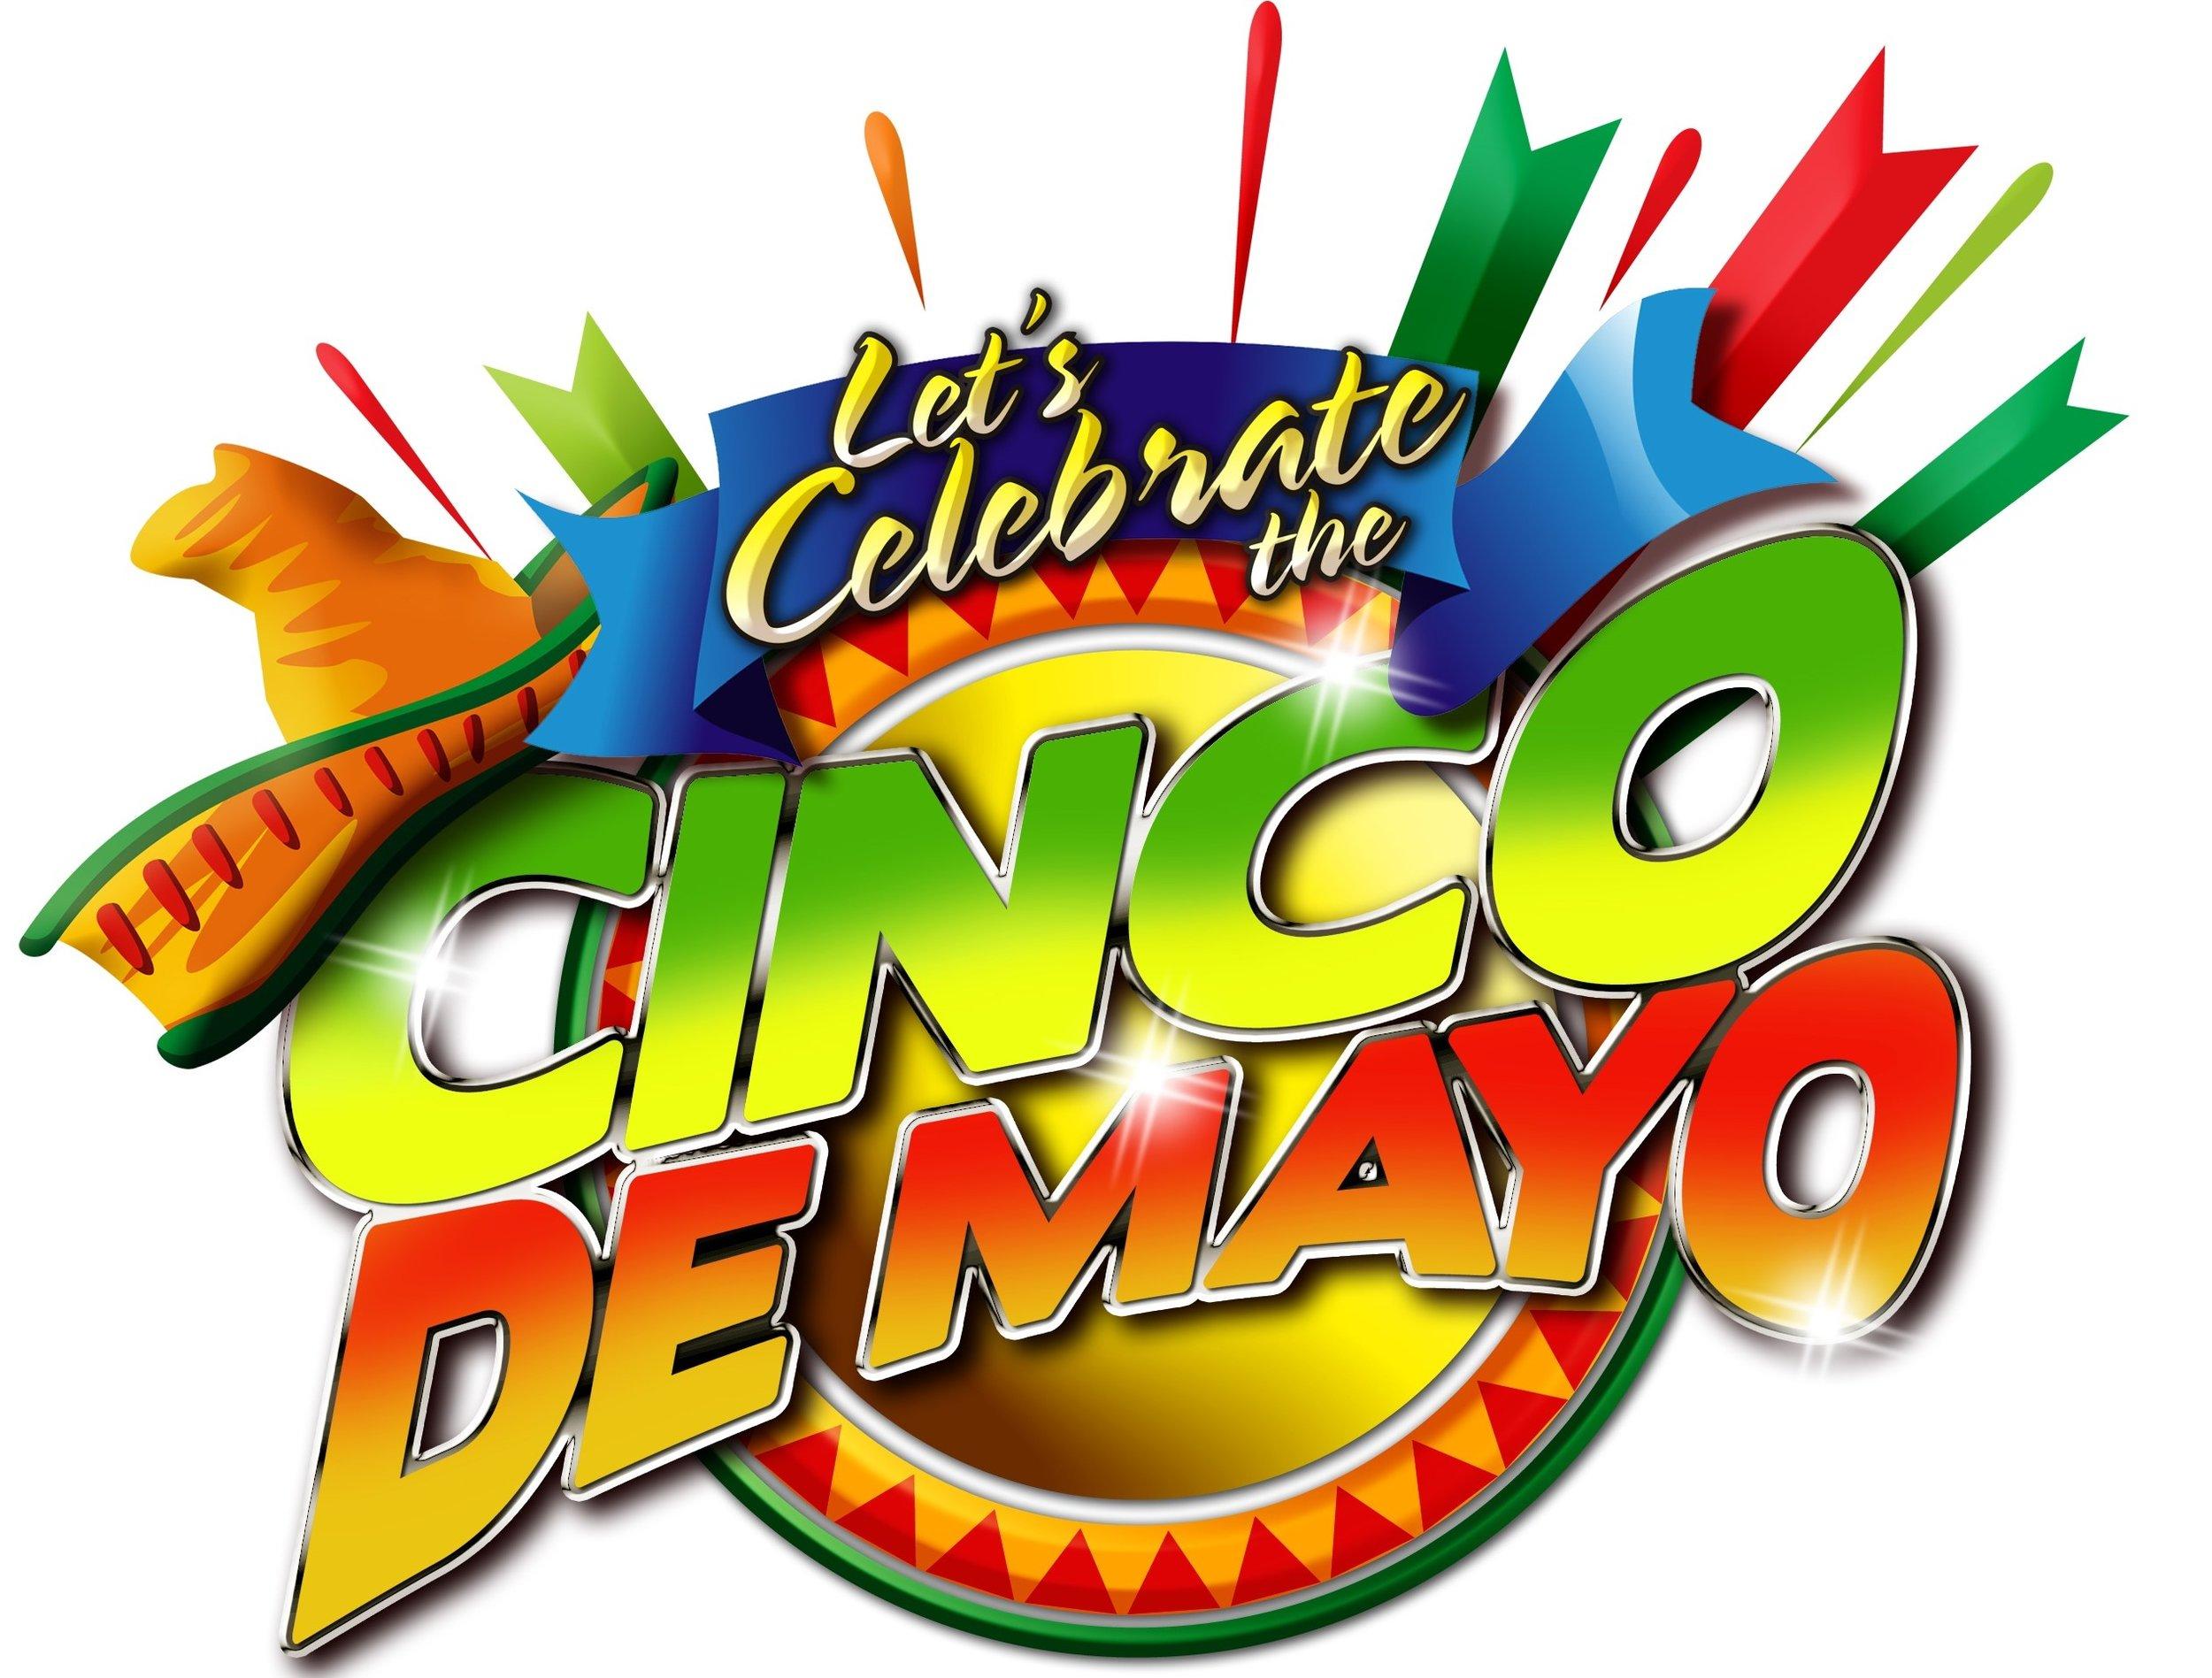 Chico De Mayo -